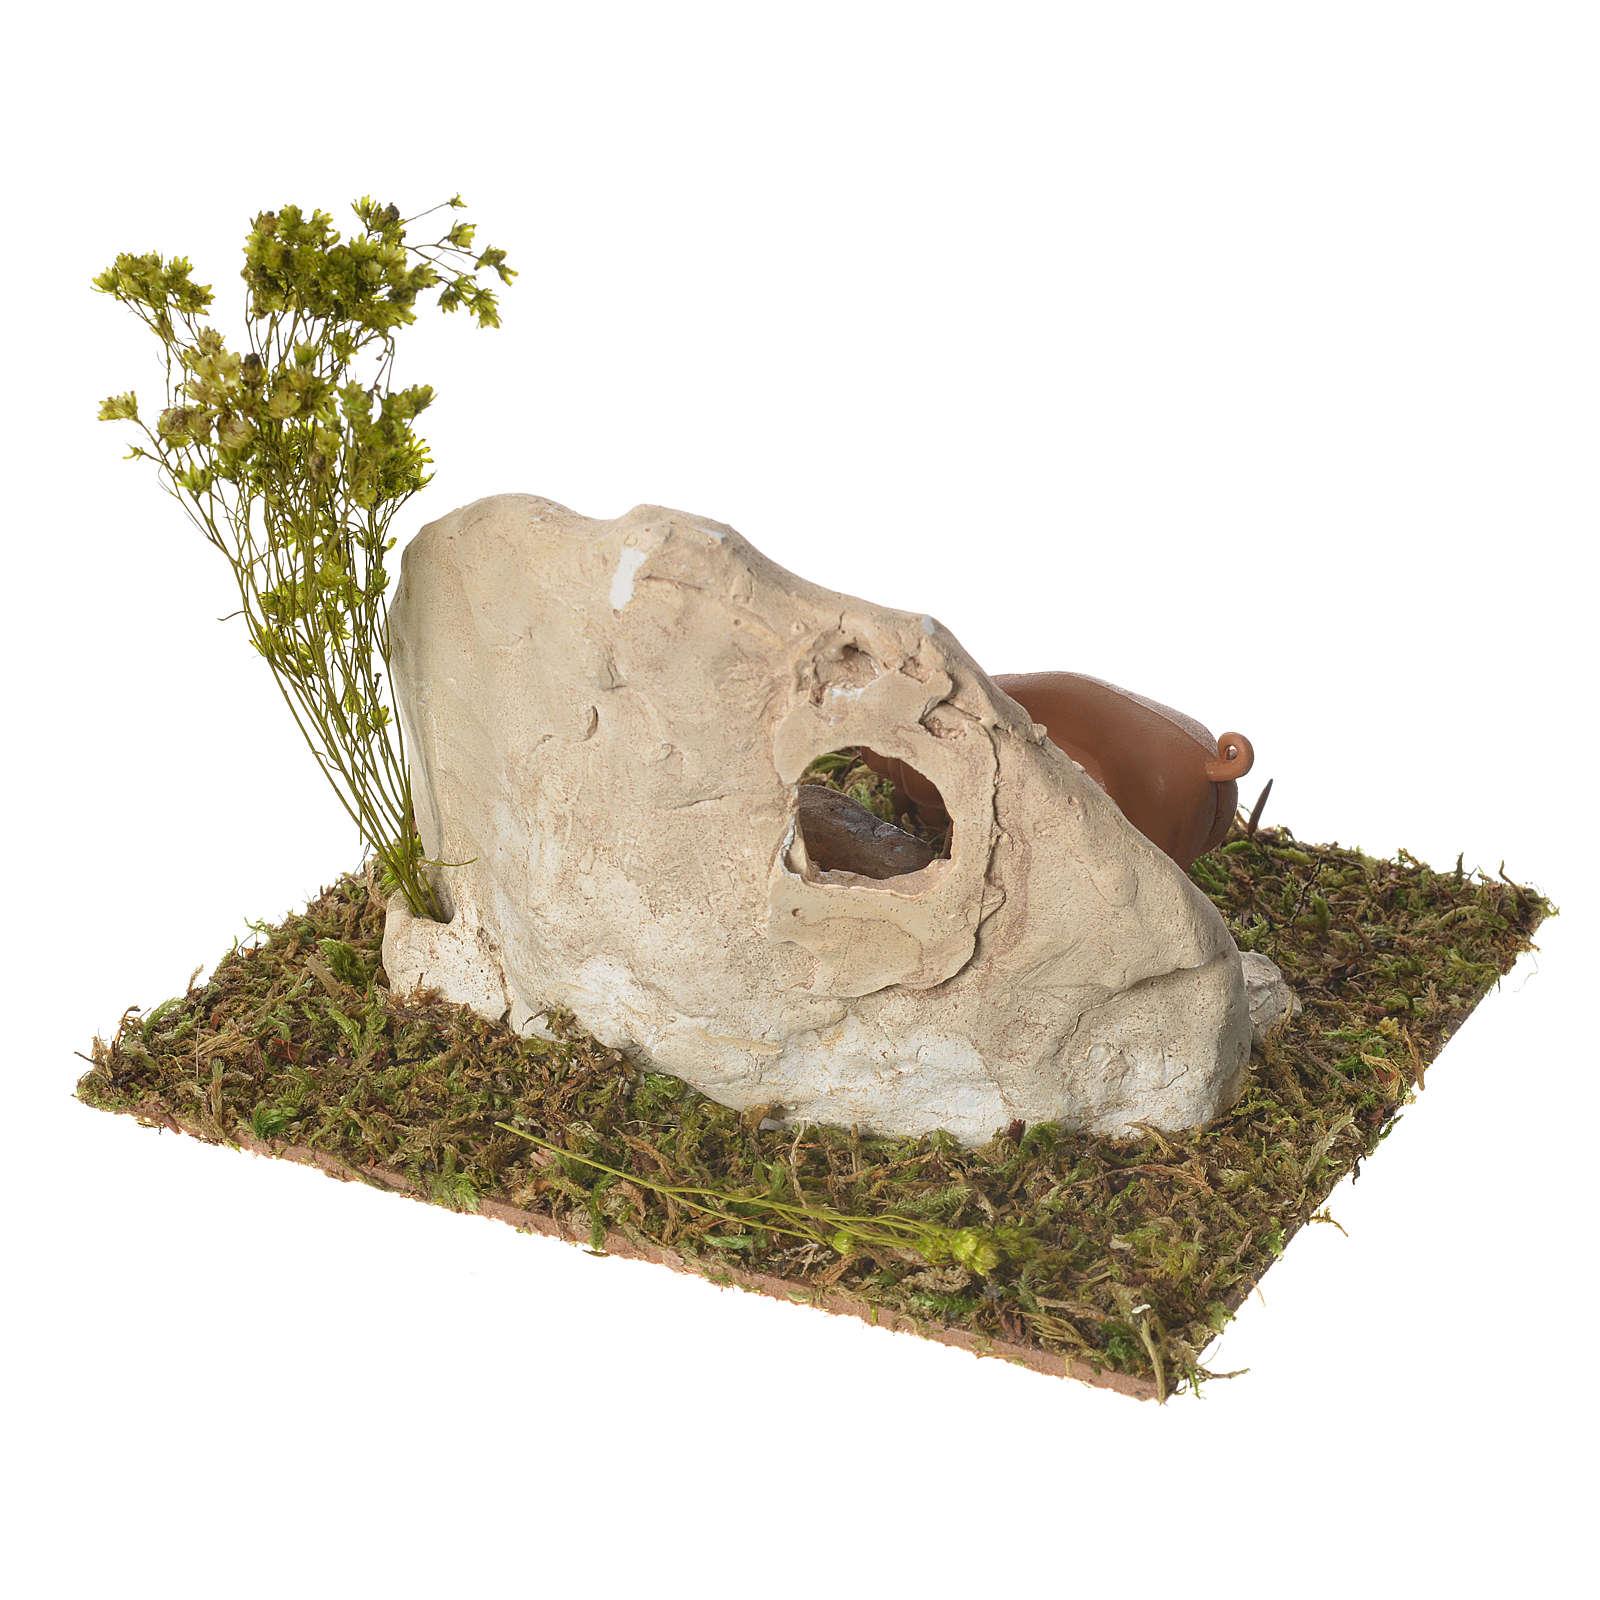 Porcilaia in gesso su base legno 10x16x13 4